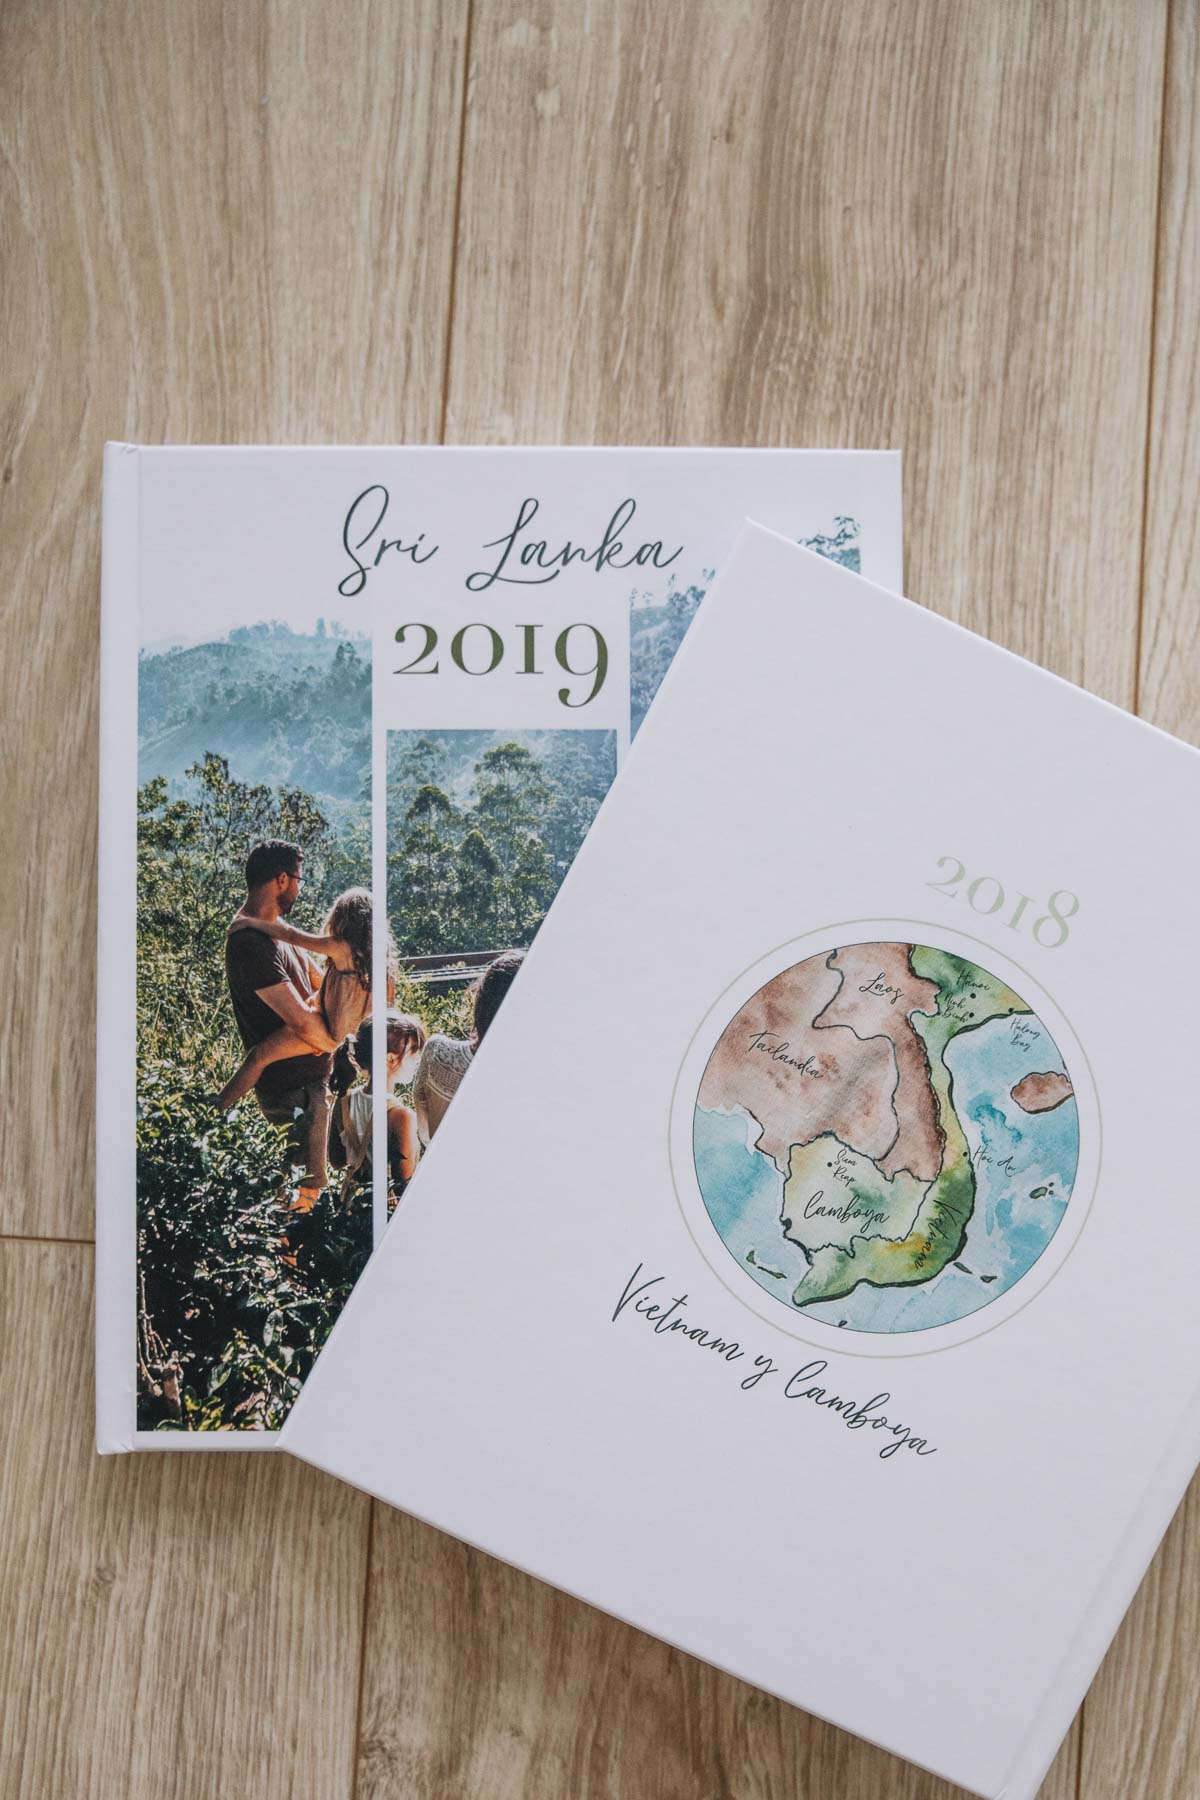 Libro de fotos de viajes - Libro de fotos de Sri Lanka